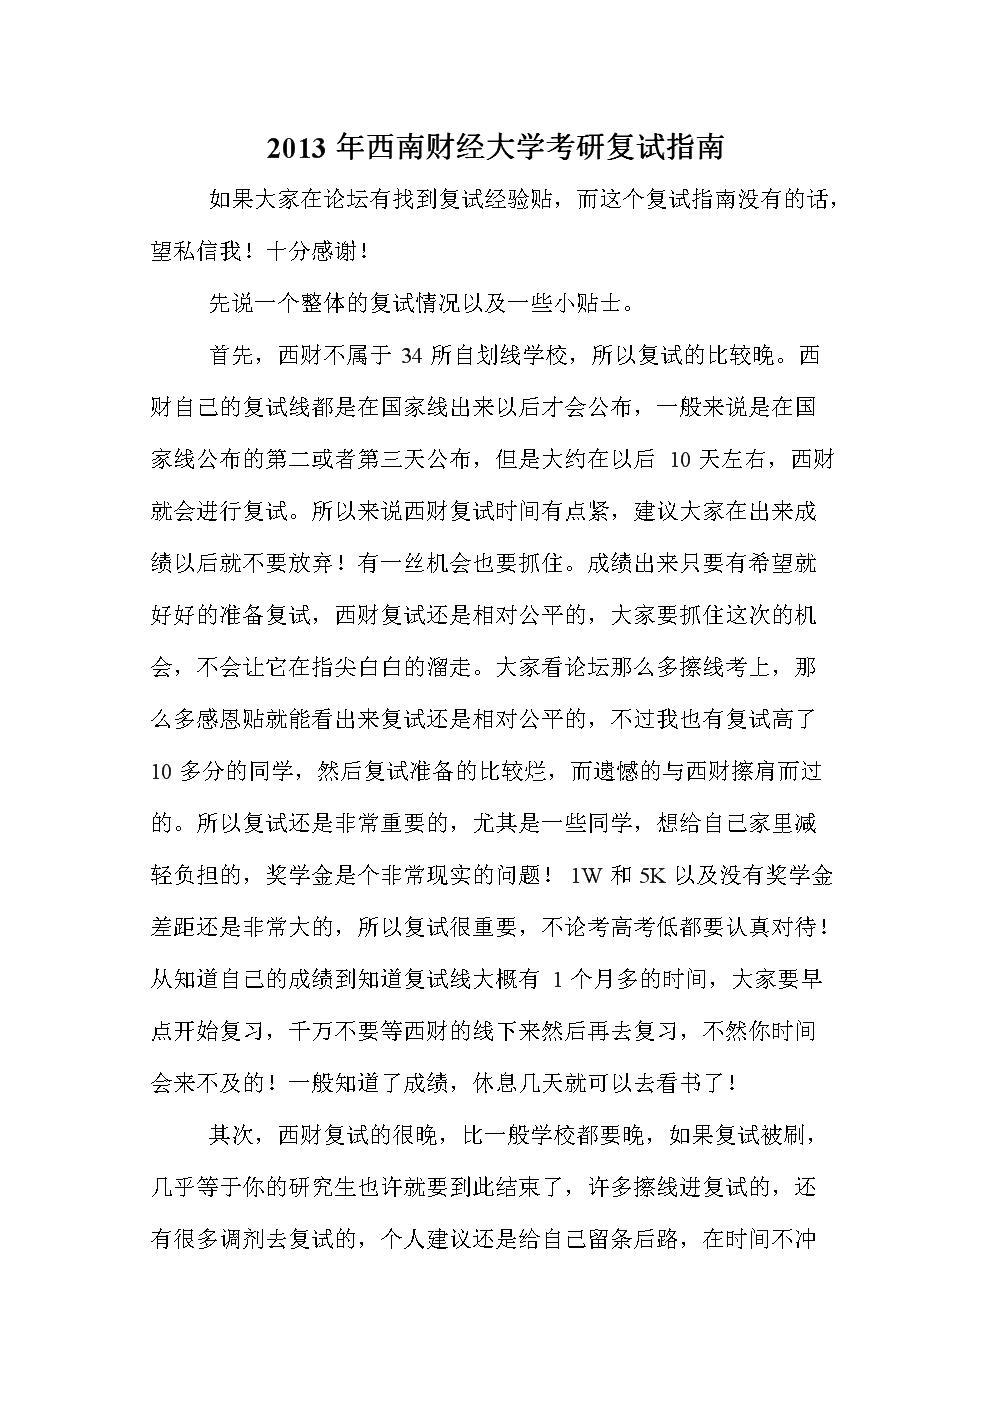 西南财经大学考研复试指南.doc